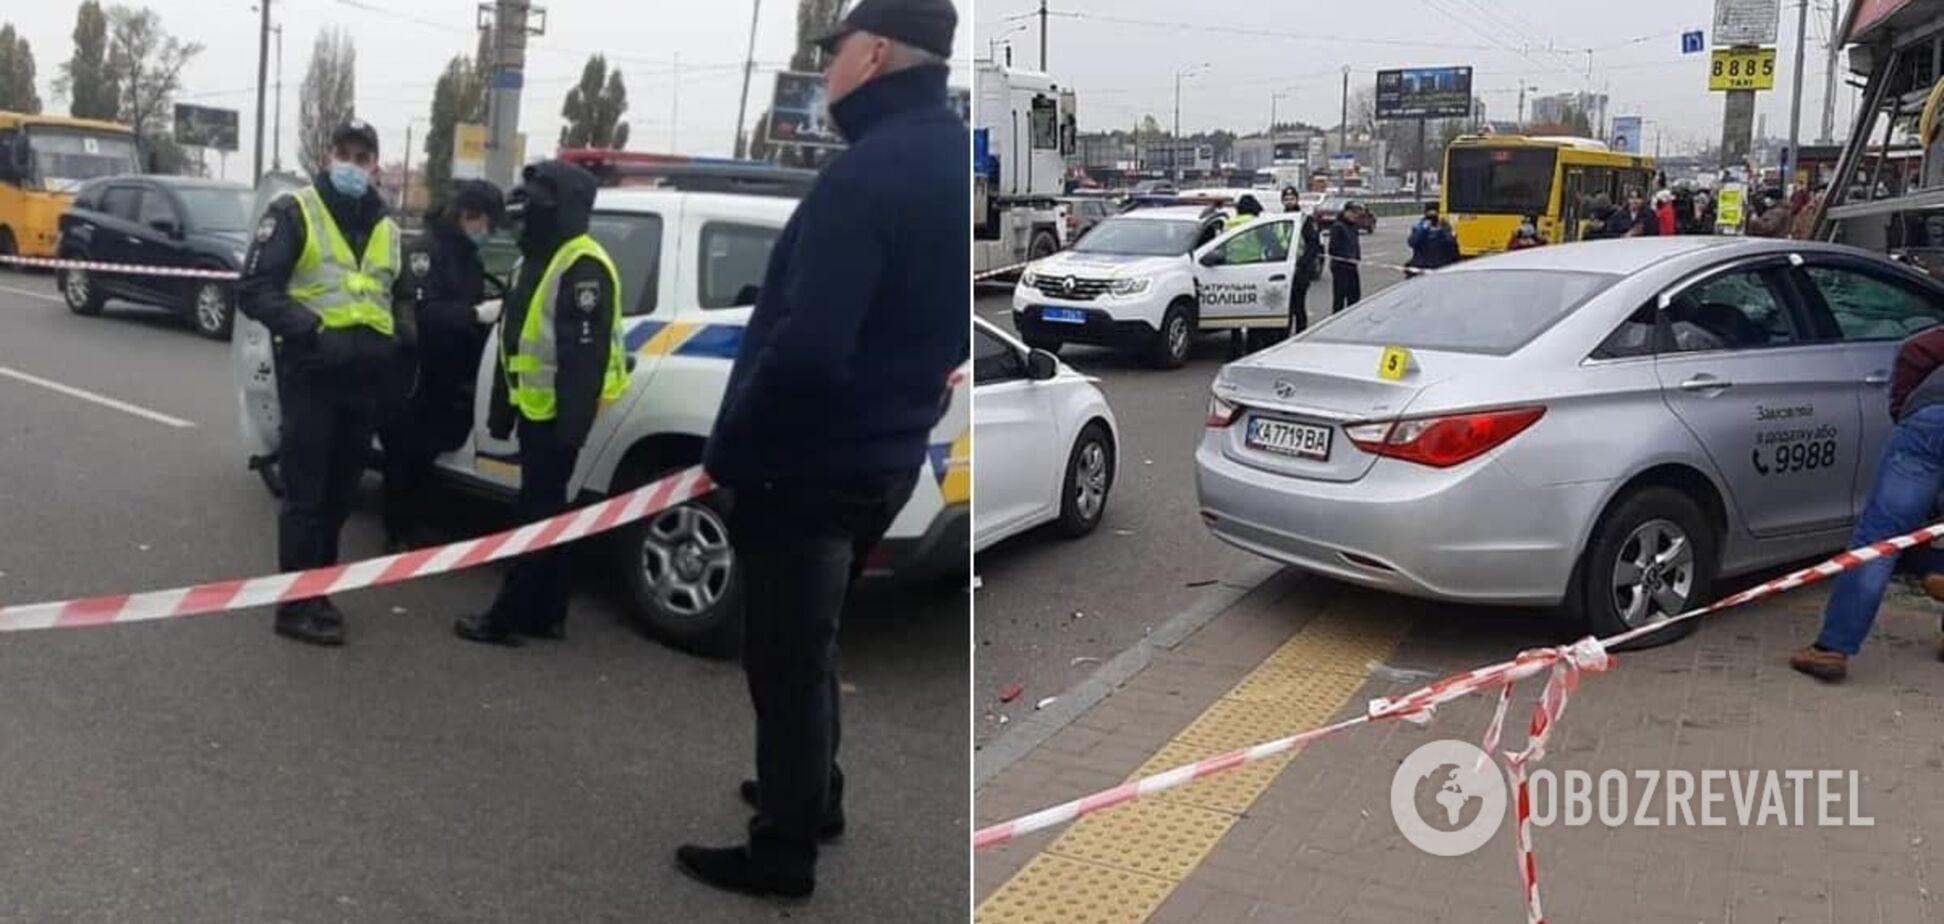 З'явилося відео з Instagram водія таксі, який влаштував смертельну ДТП у Києві